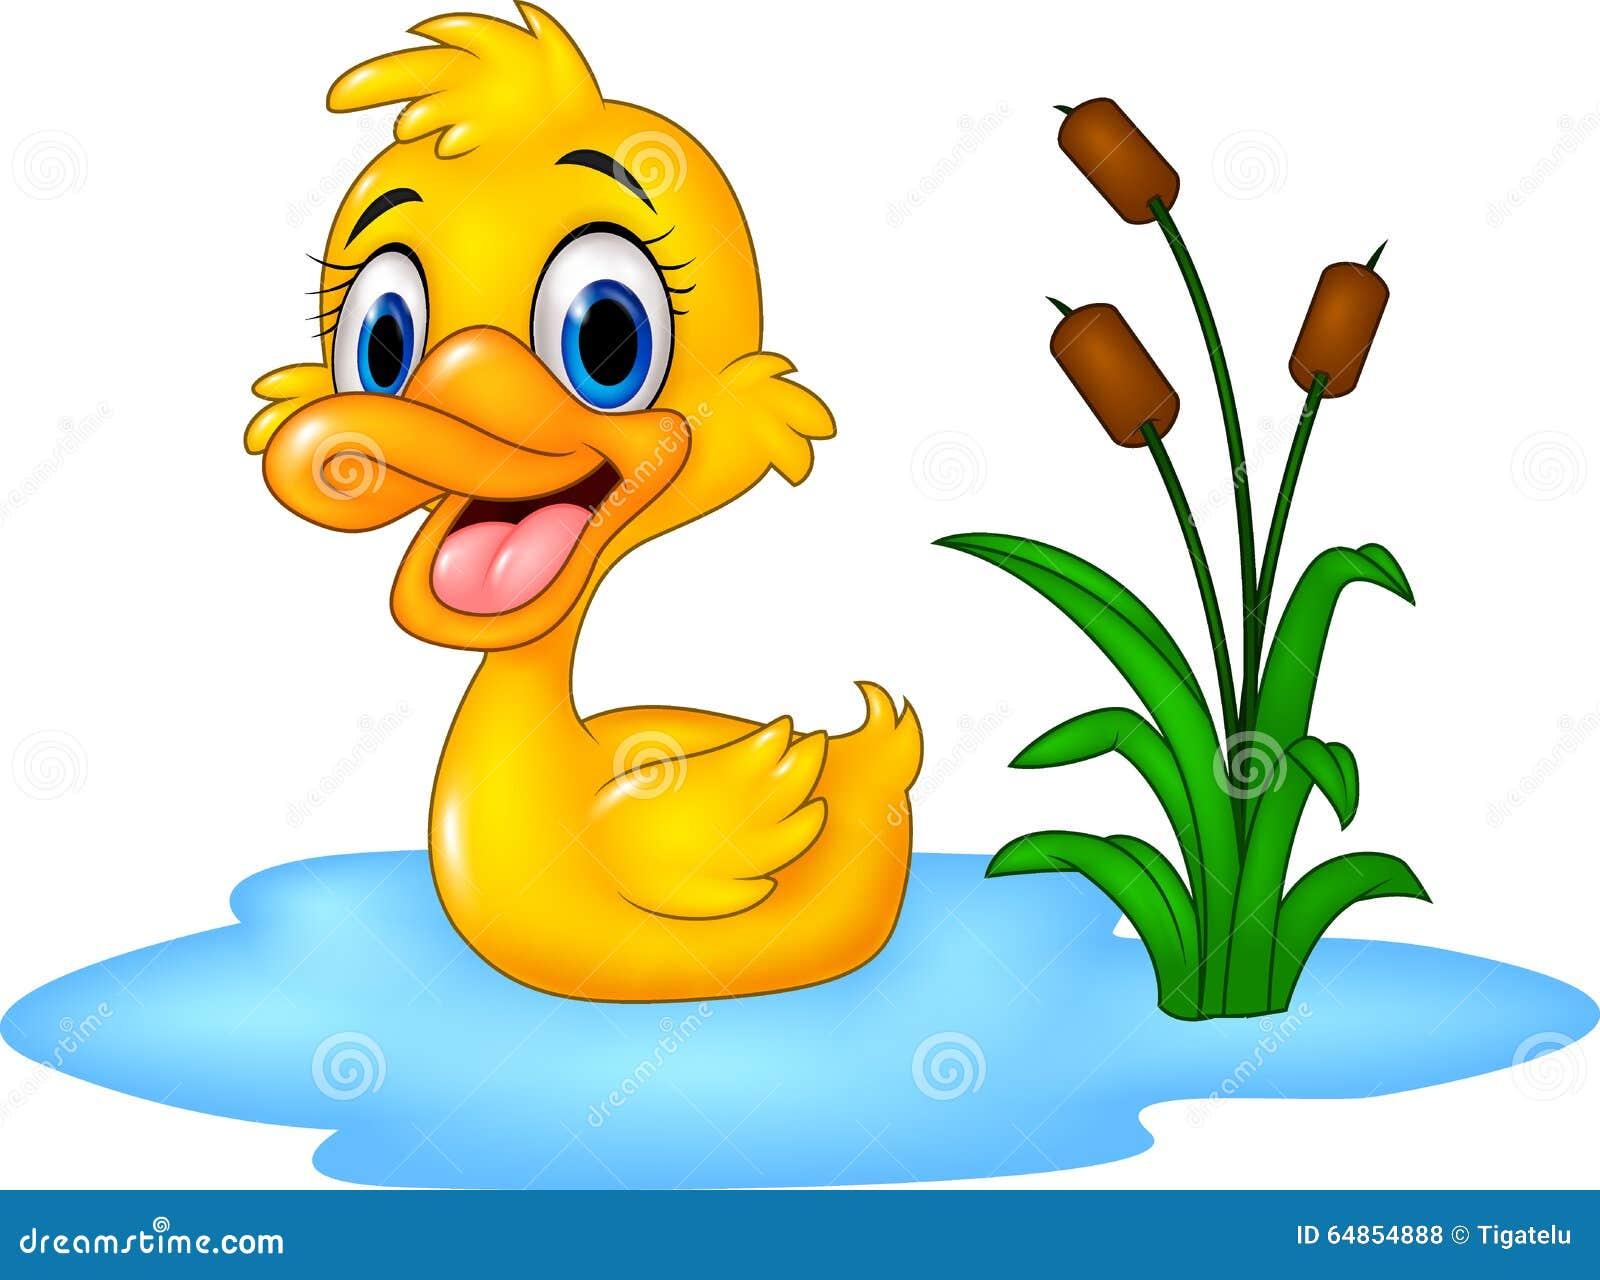 Zoológico De Animais Bebê Dos Desenhos Animados Vetor: O Pato Engraçado Do Bebê Dos Desenhos Animados Flutua Na